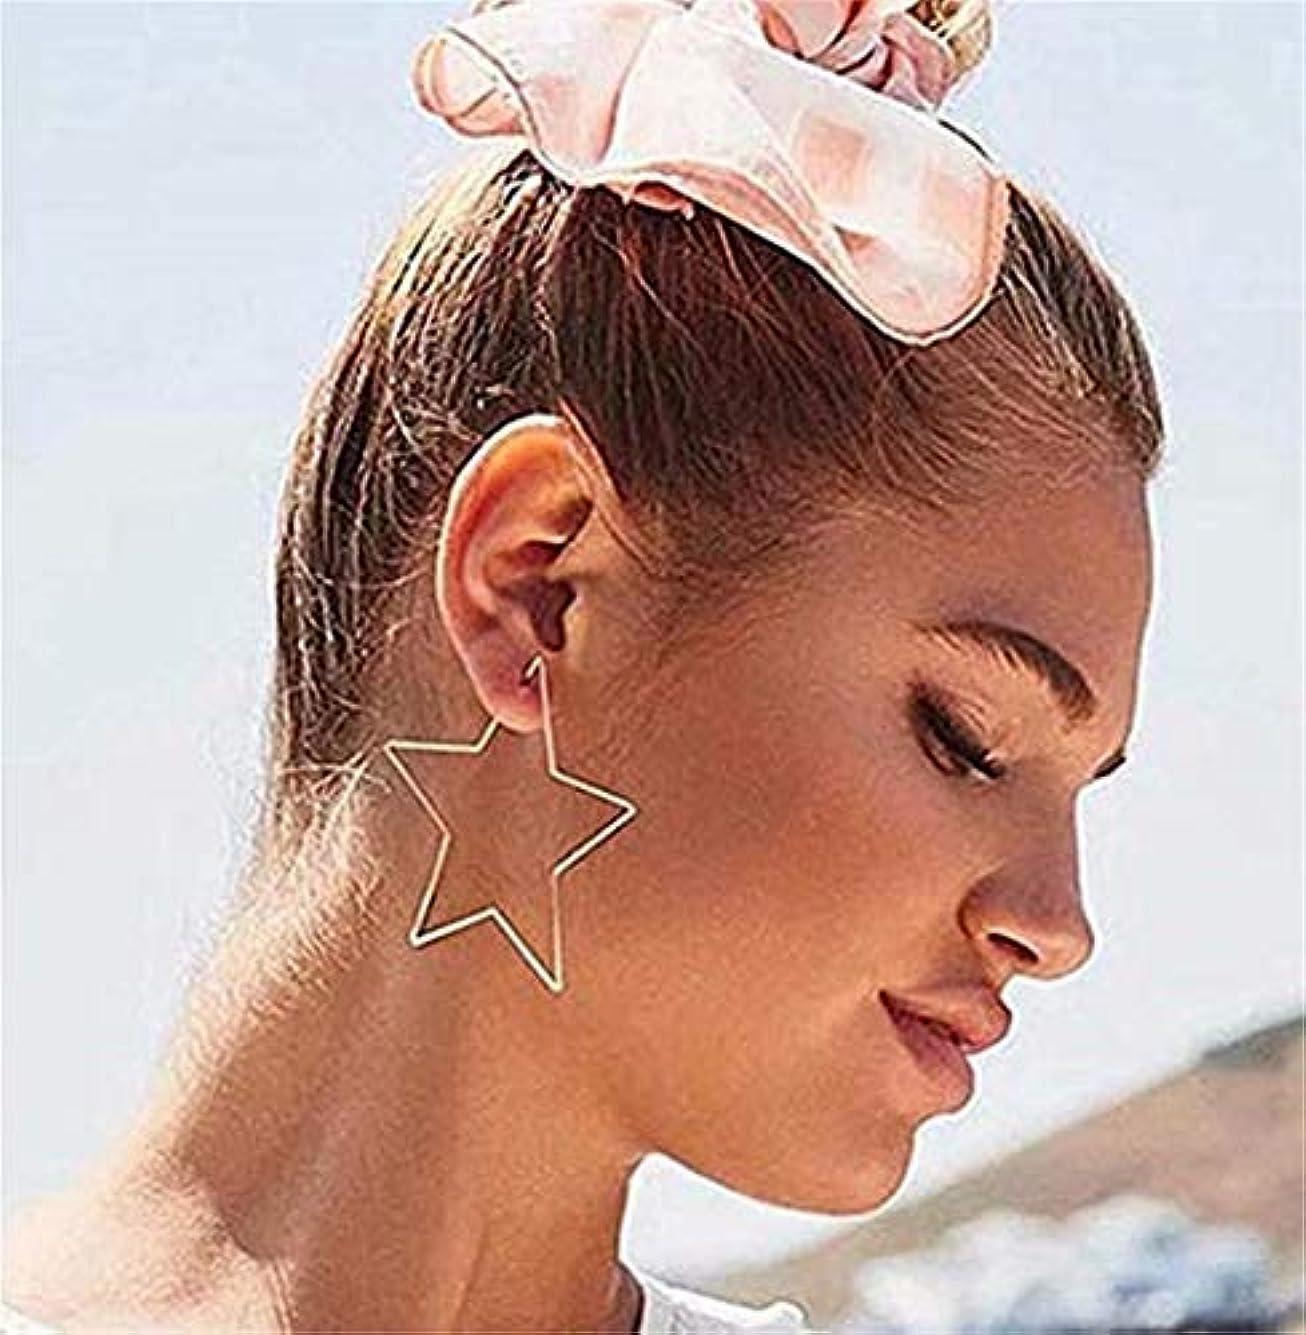 驚くべきフルートインタフェース七里の香 五芒星の中空ペンタグラムの耳の女性のフックスレーターダングルドロップスタッドイヤリングジュエリー